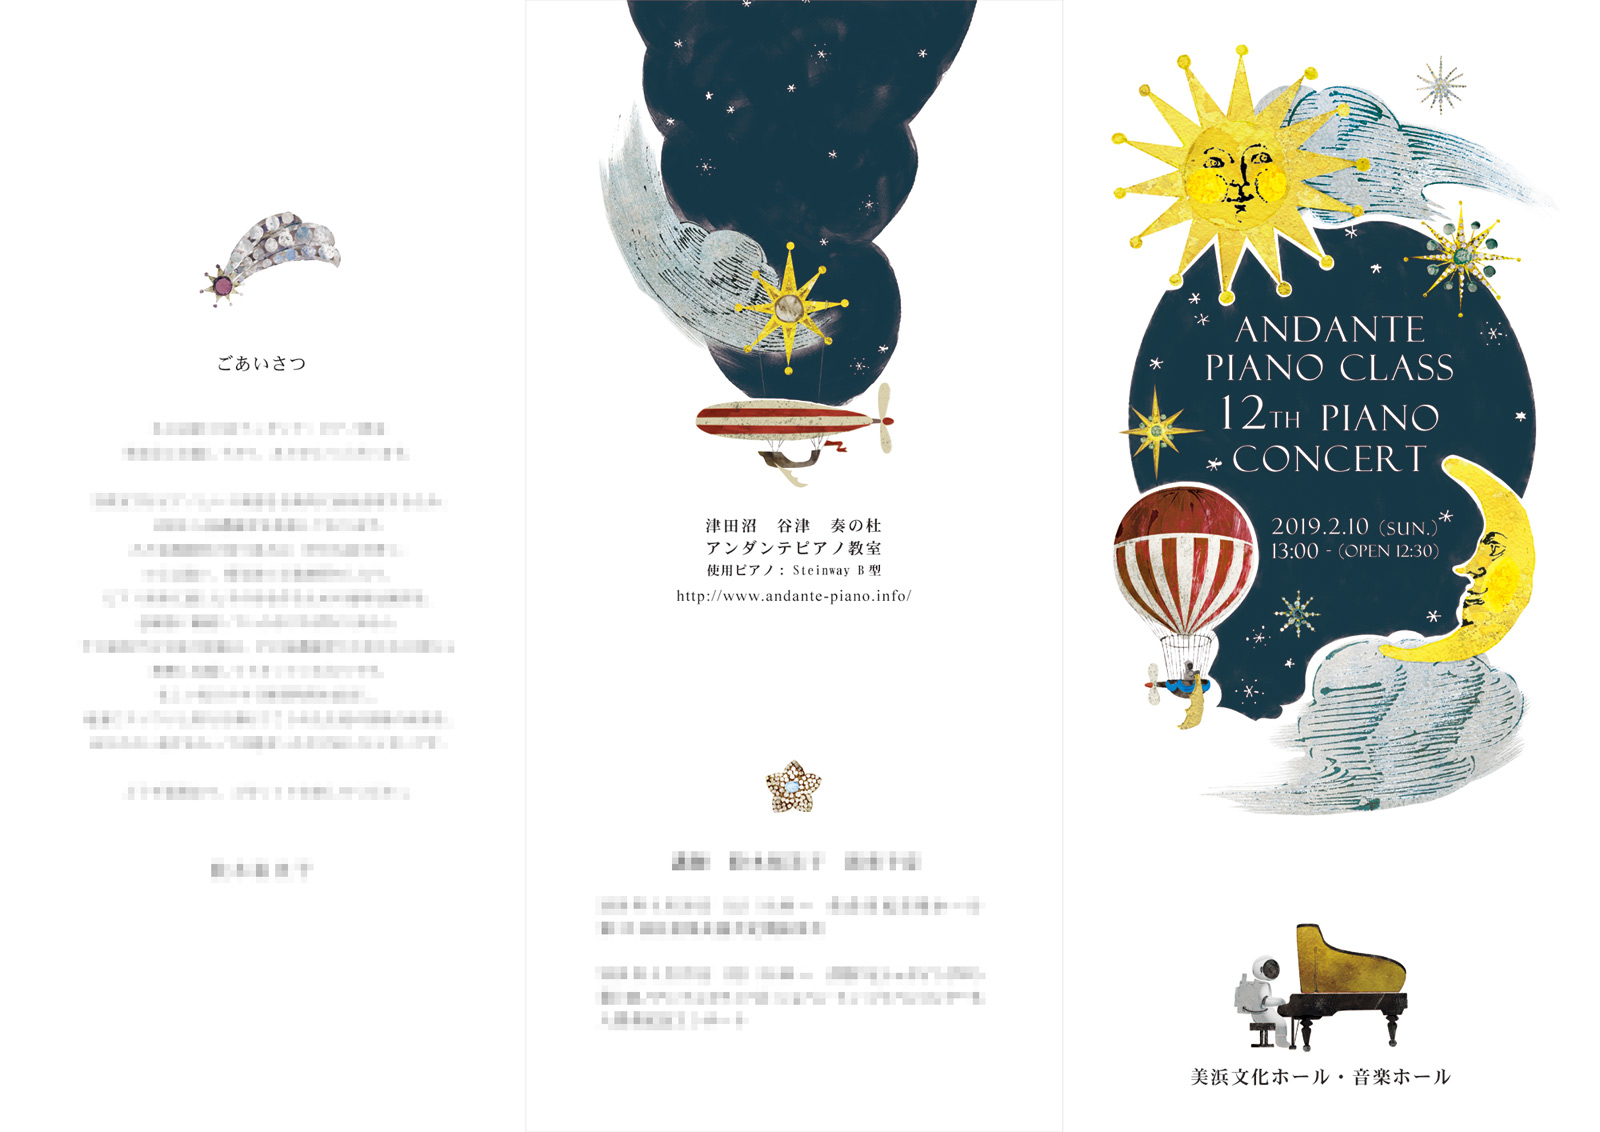 ピアノ教室 イラスト発表会プログラム